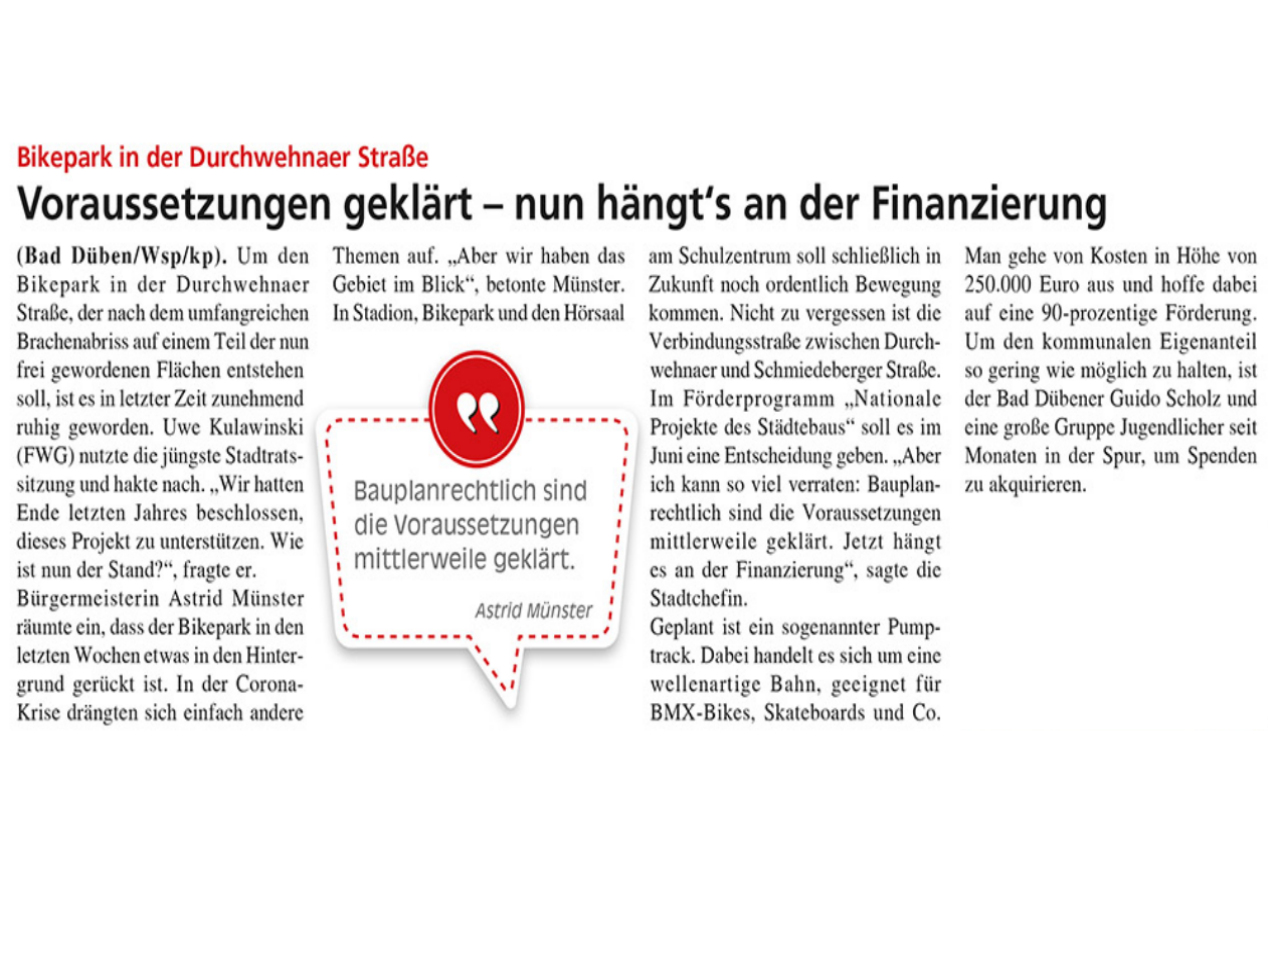 Dübener Wochenspiegel vom 03.06.2020